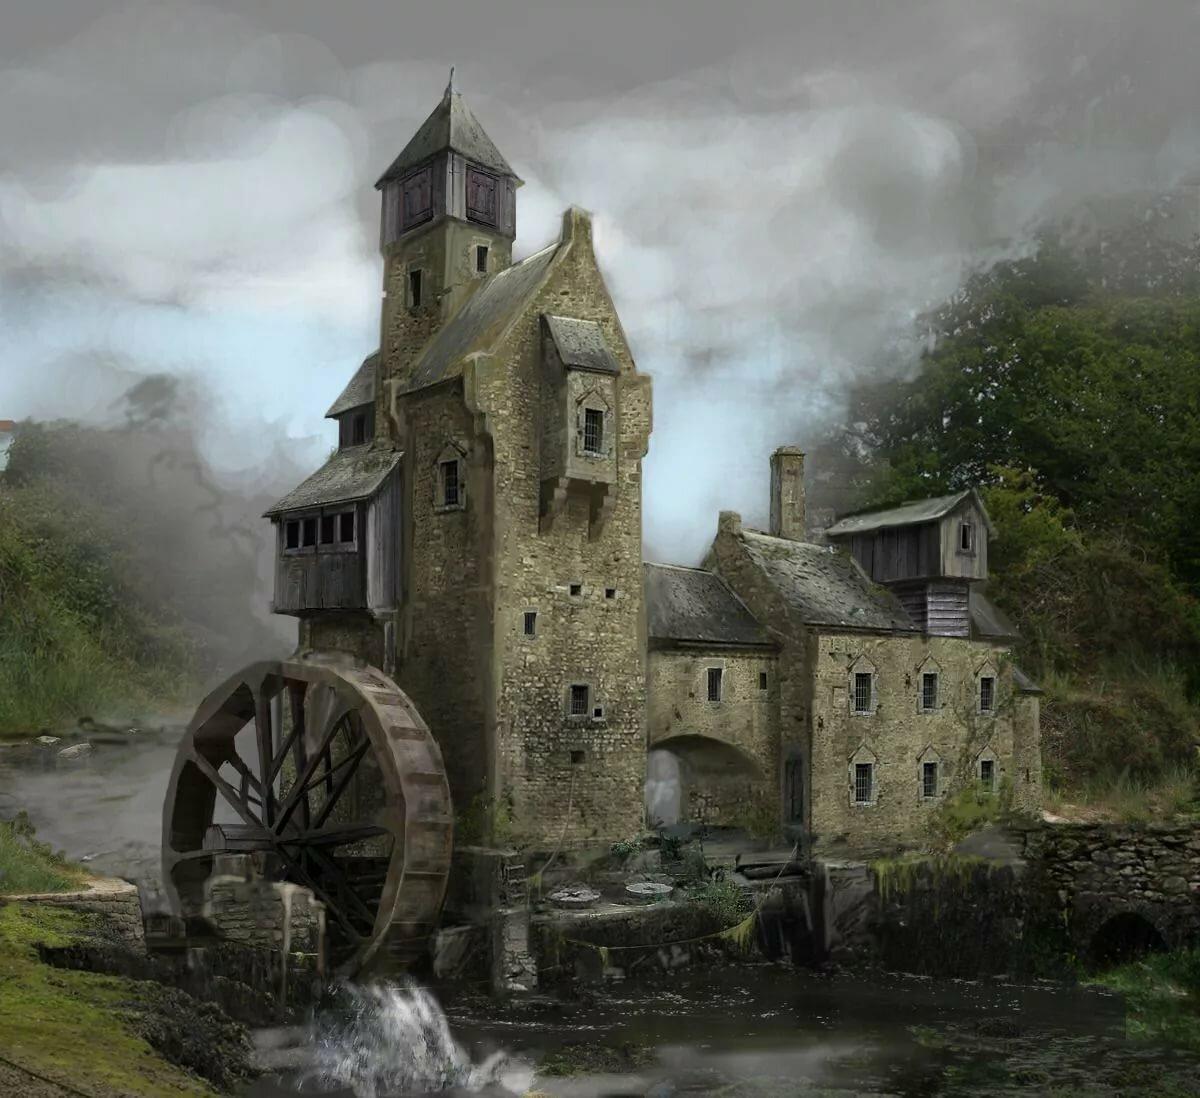 популярности картинки средневековья домашних увлекательным может быть